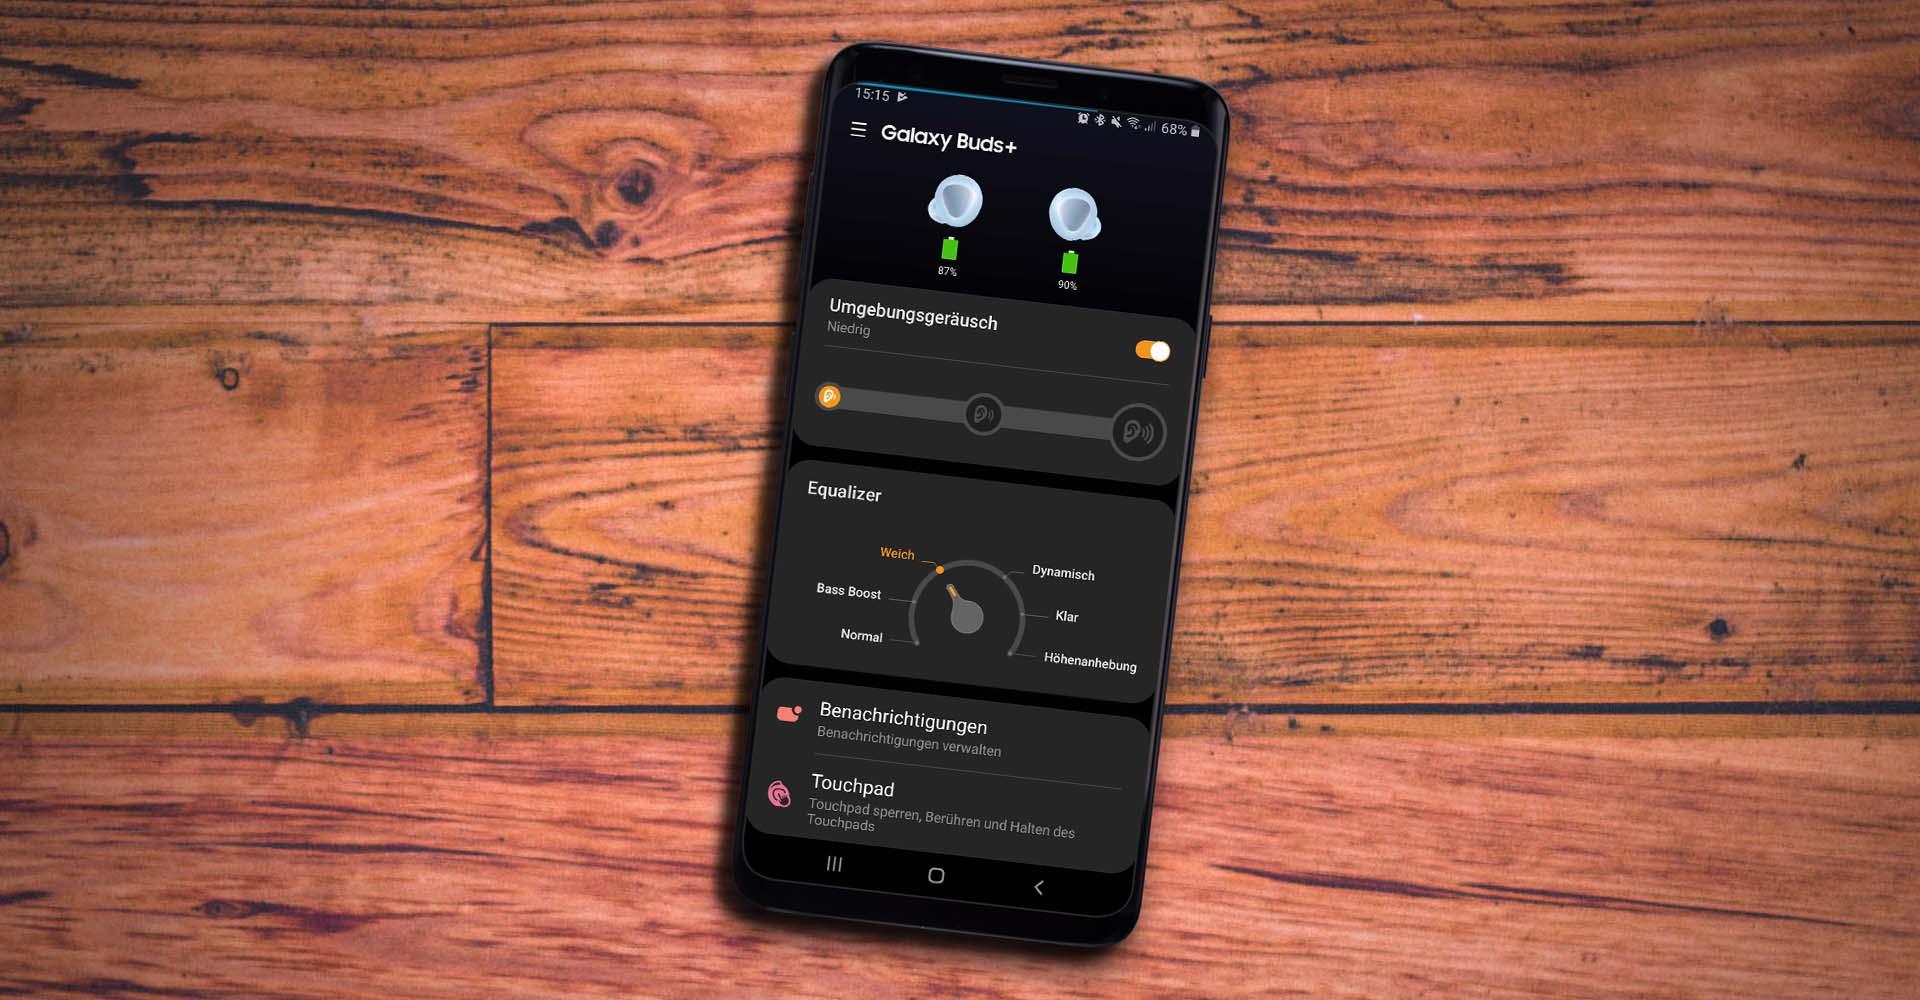 Die Galaxy Buds in der Galaxy-Wearable-App einstellen.